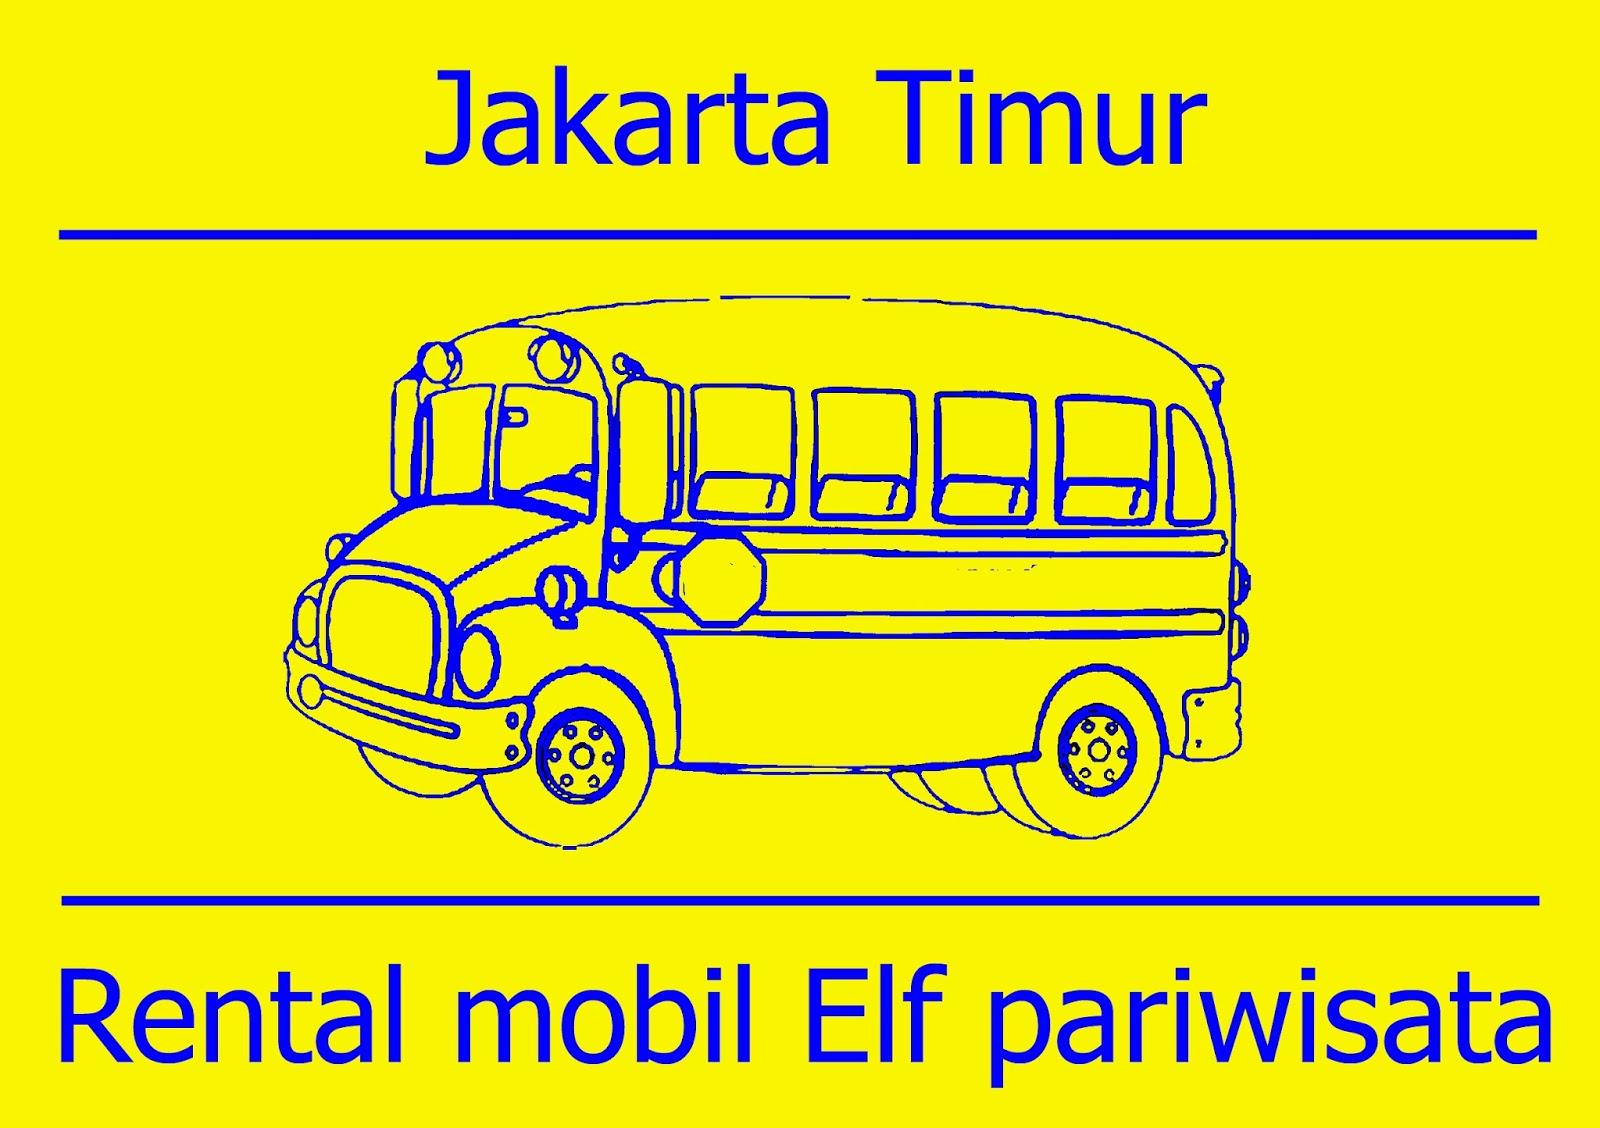 Sewa Mobil Elf Jakarta Timur Harga Sewa Elf 19 Jakarta Timur